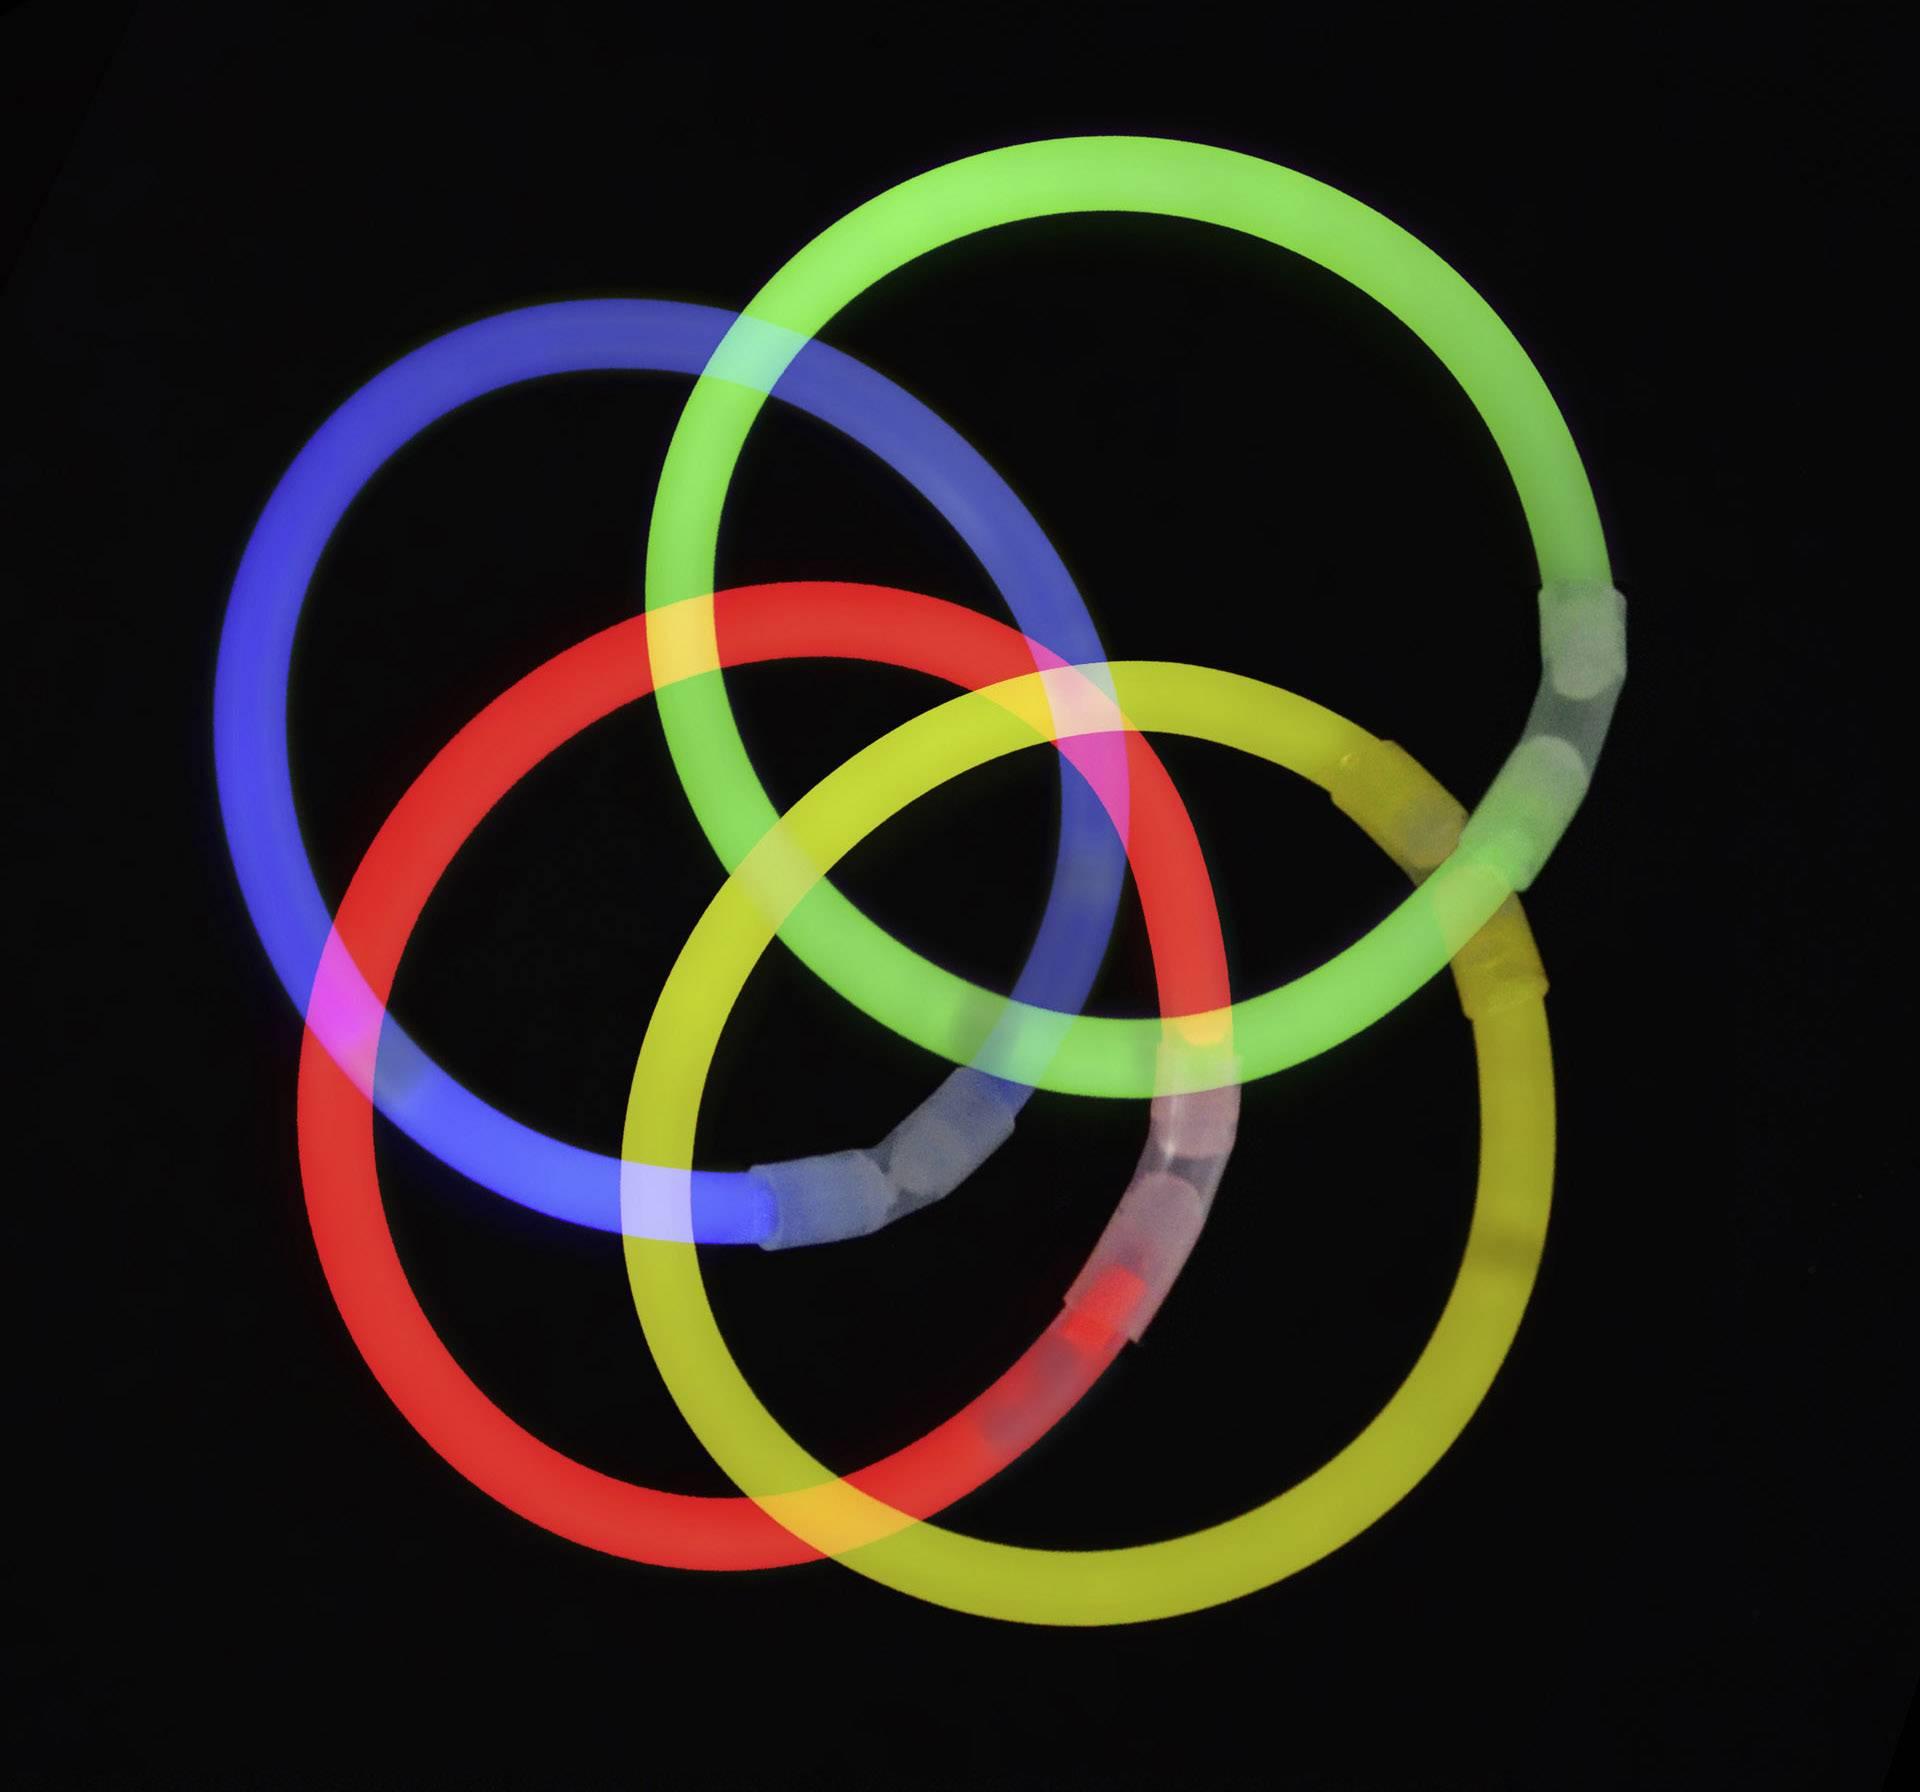 Neónová svetelná tyčinka, 7 farieb, sada 100 ks